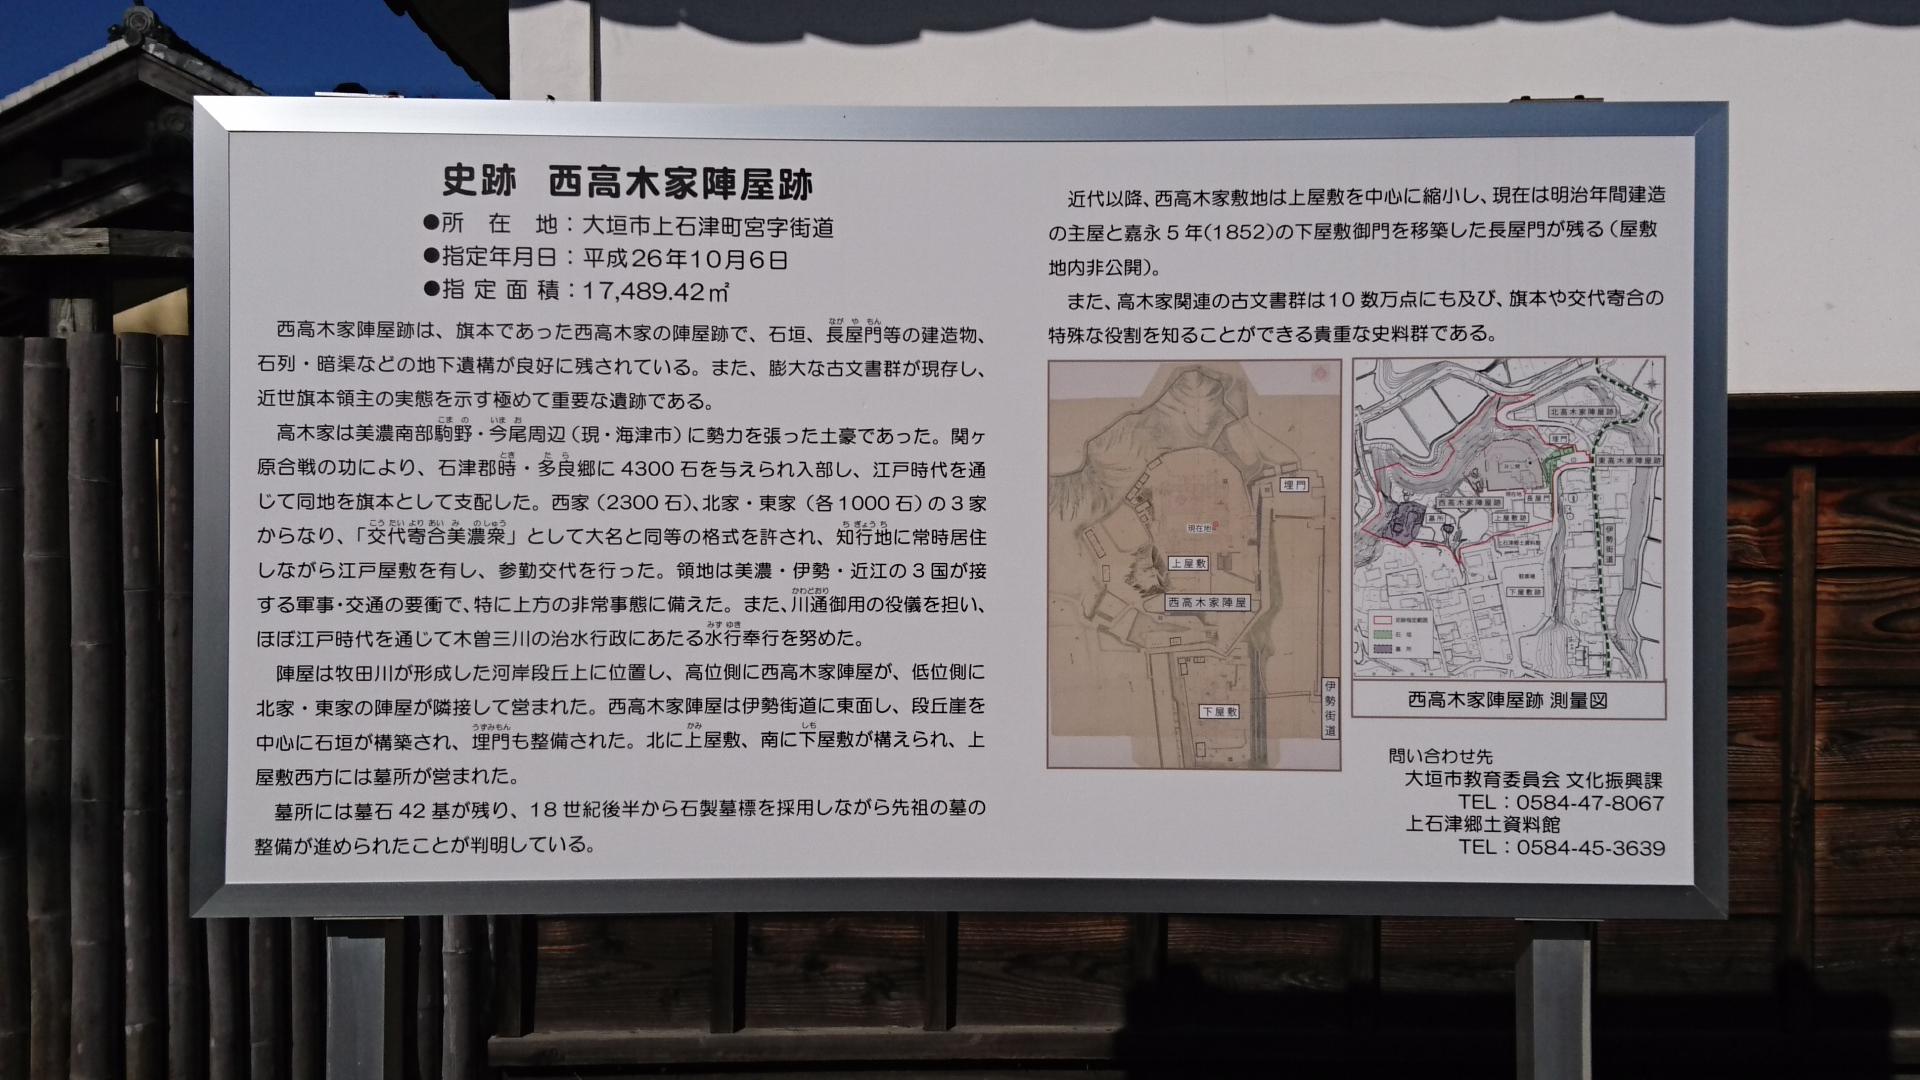 2016.11.16 上石津 (48) 宮 - 西高木家陣屋あと